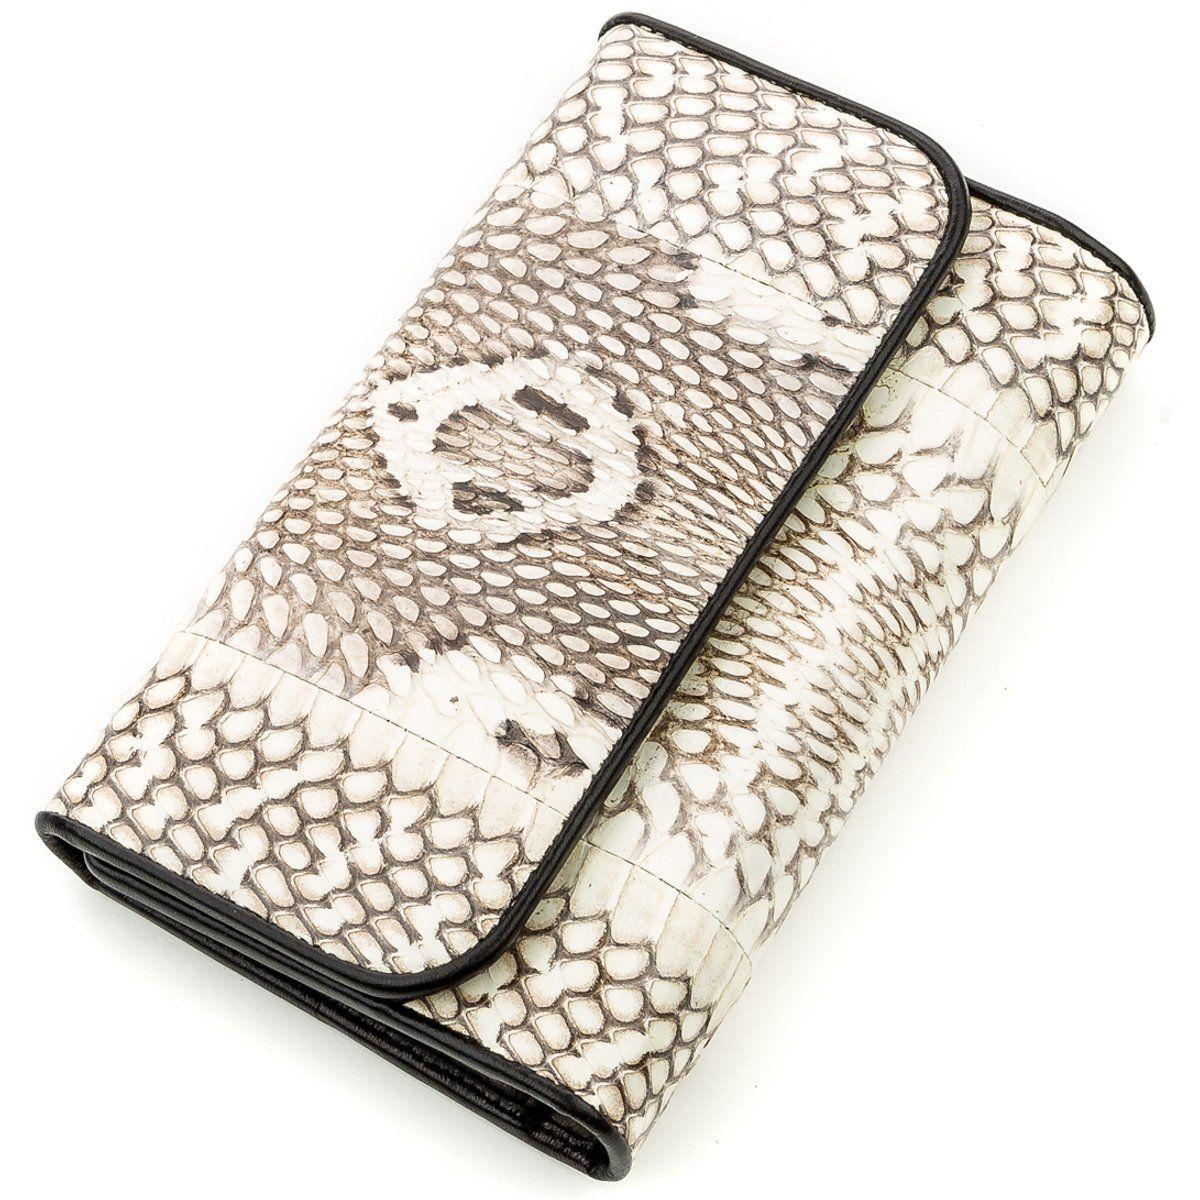 Вертикальный кошелек Ekzotic Leather из натуральной кожи питона Серый (snw 84)